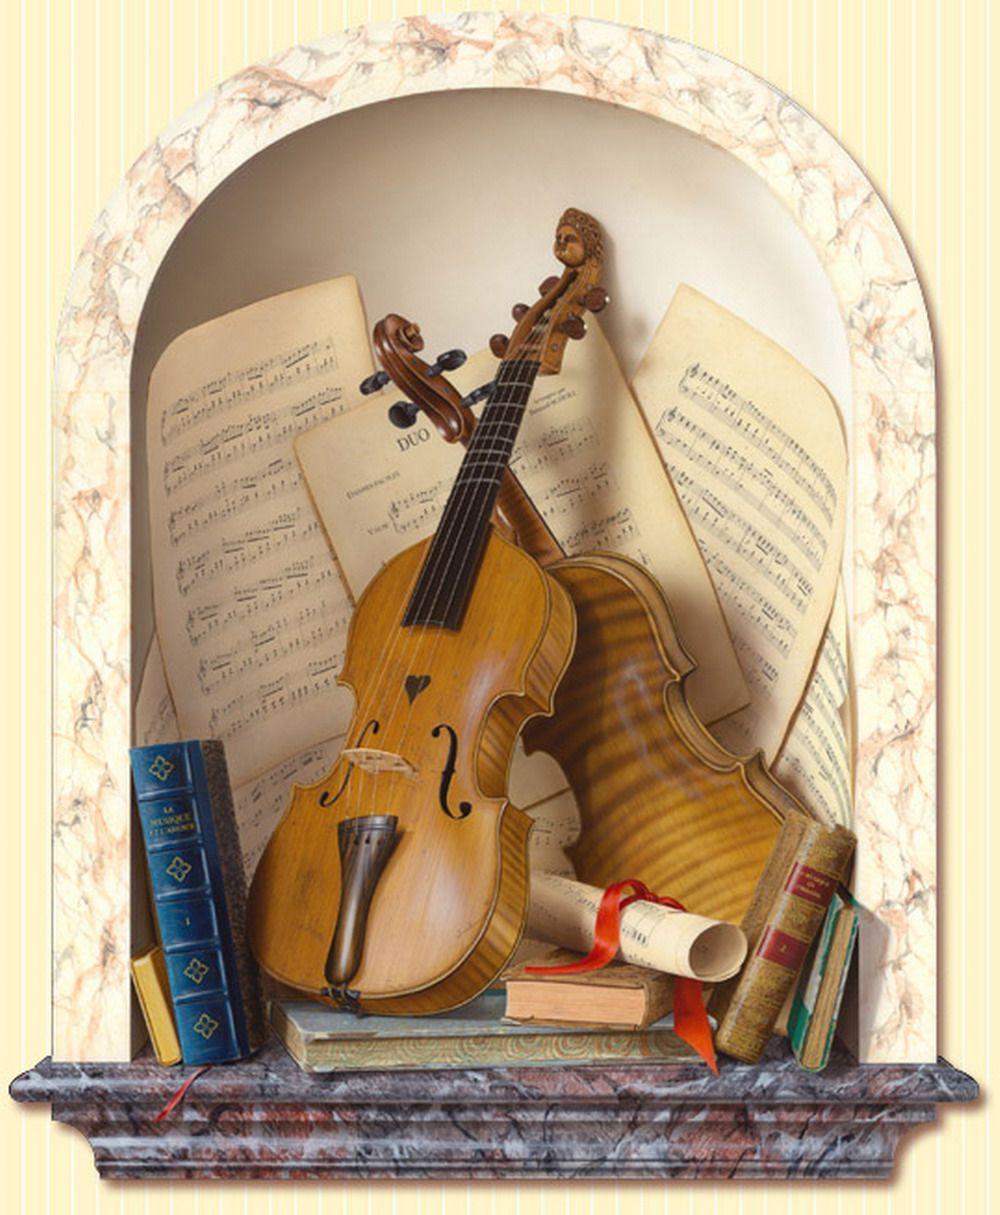 Продать, открытки музыкальных инструментов красивые